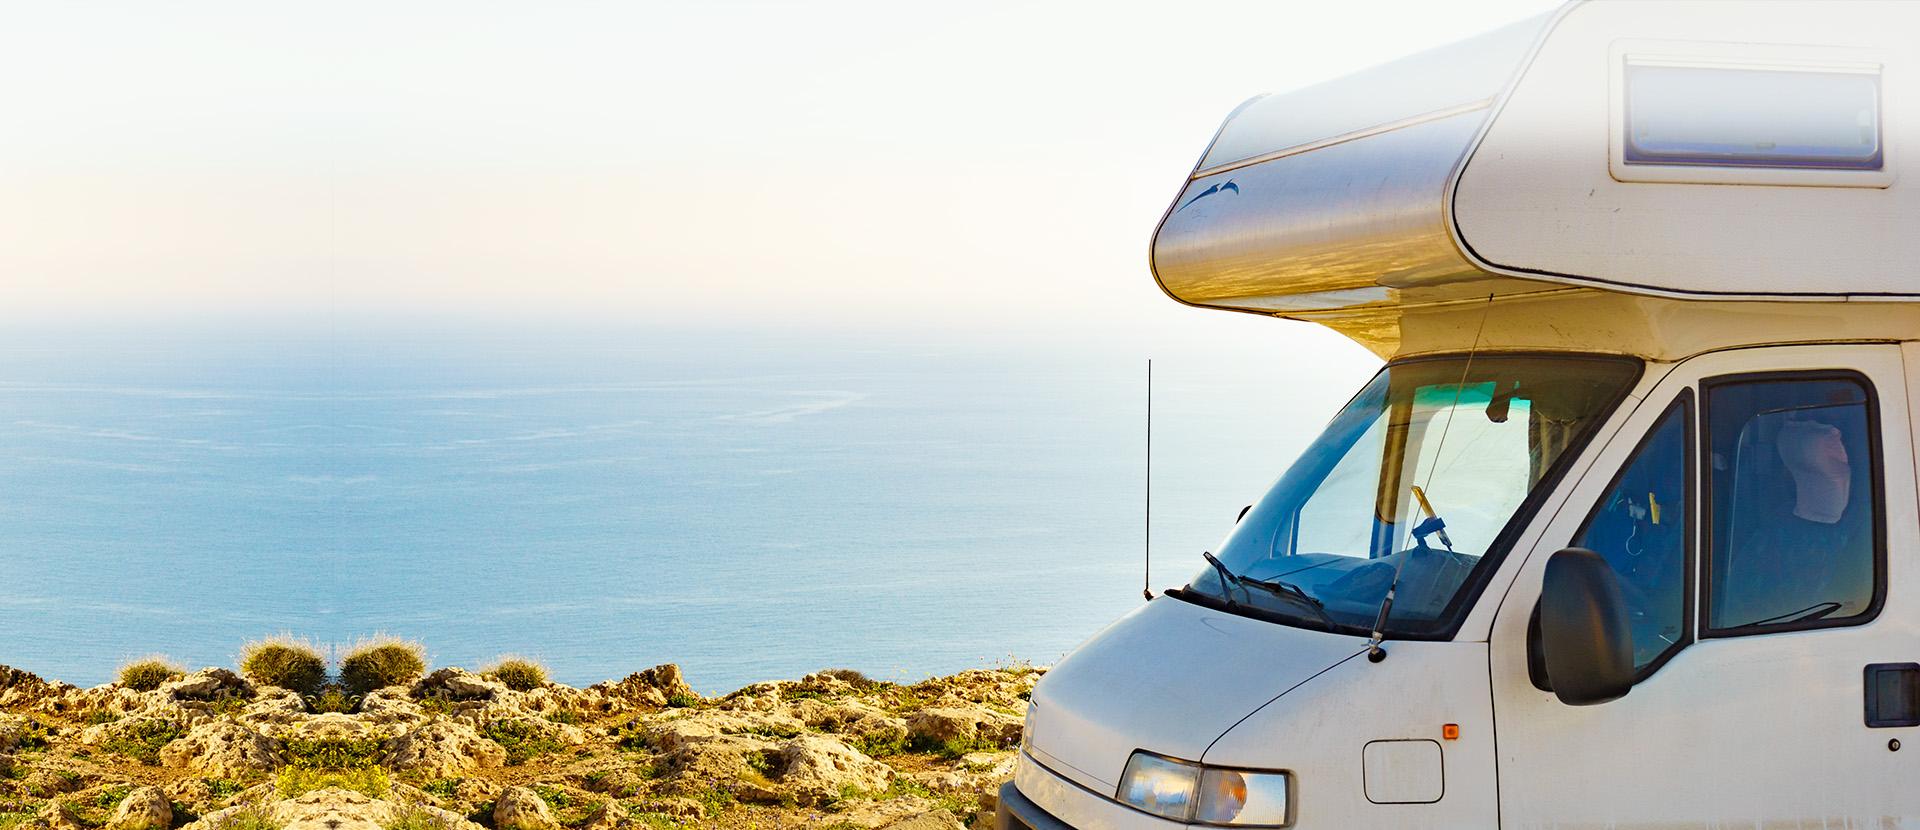 Assurez votre camping car voyagez l esprit tranquille